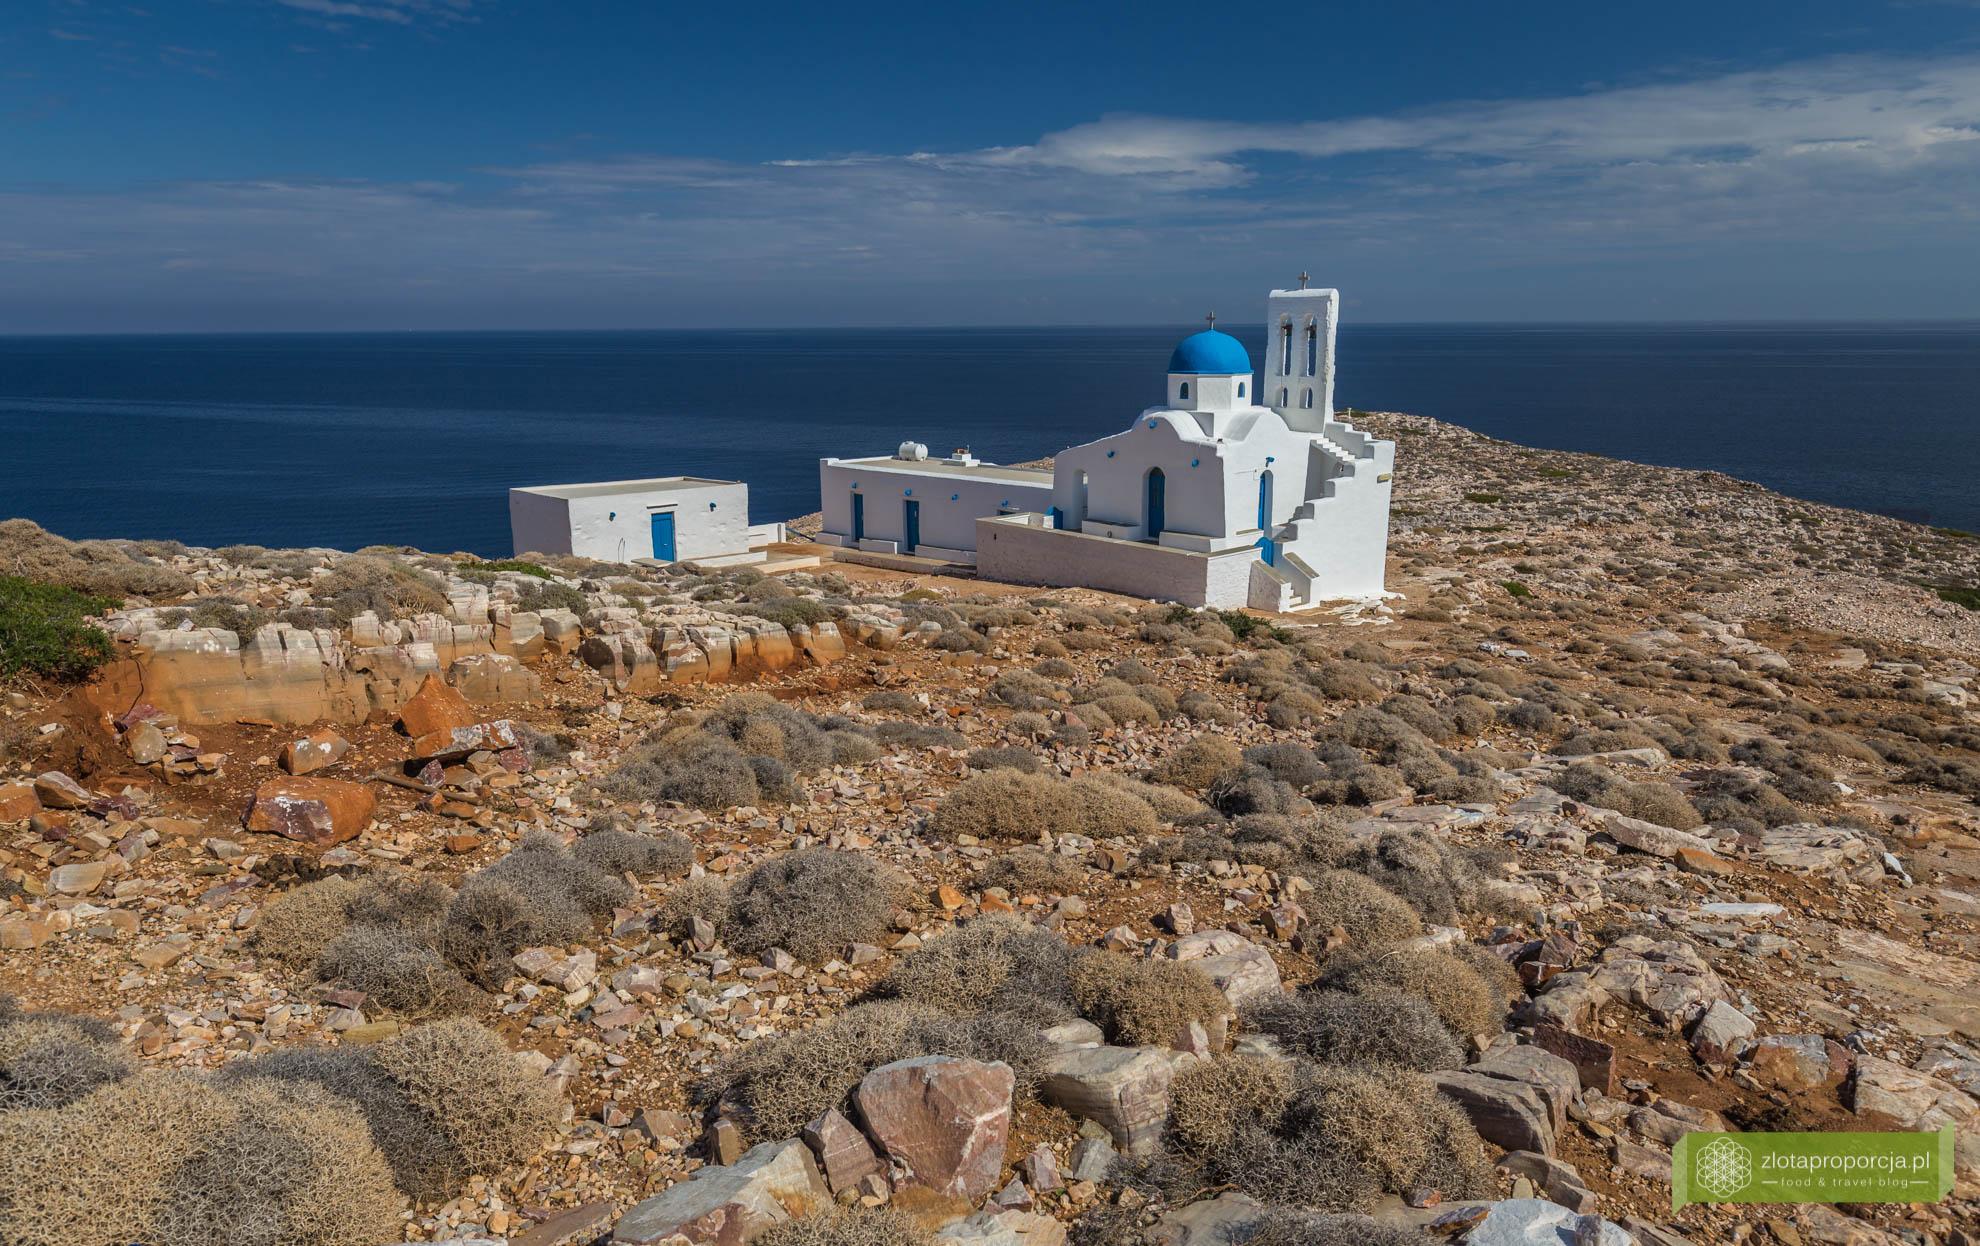 Sifnos, Cyklady, Grecja, Greckie wyspy; Wyspa Sifnos; Cyklady ciekawe miejsca; kopalnia srebra Sifnos, Agios Sostis;